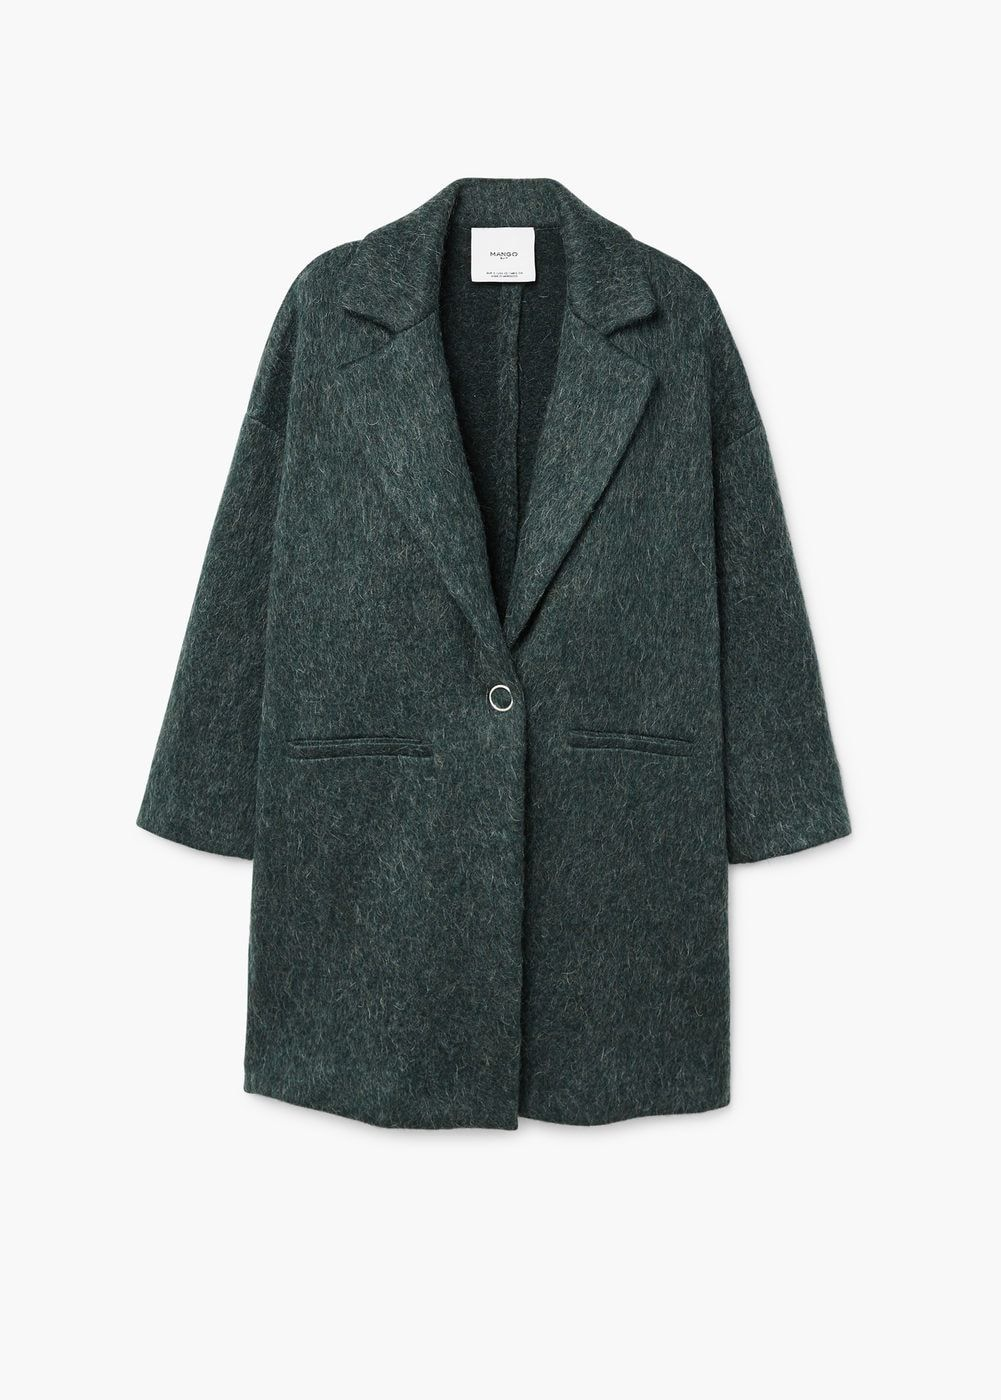 MäntelDamen Mohair Unstructured WomenMango Coat Blend qSUzpVM